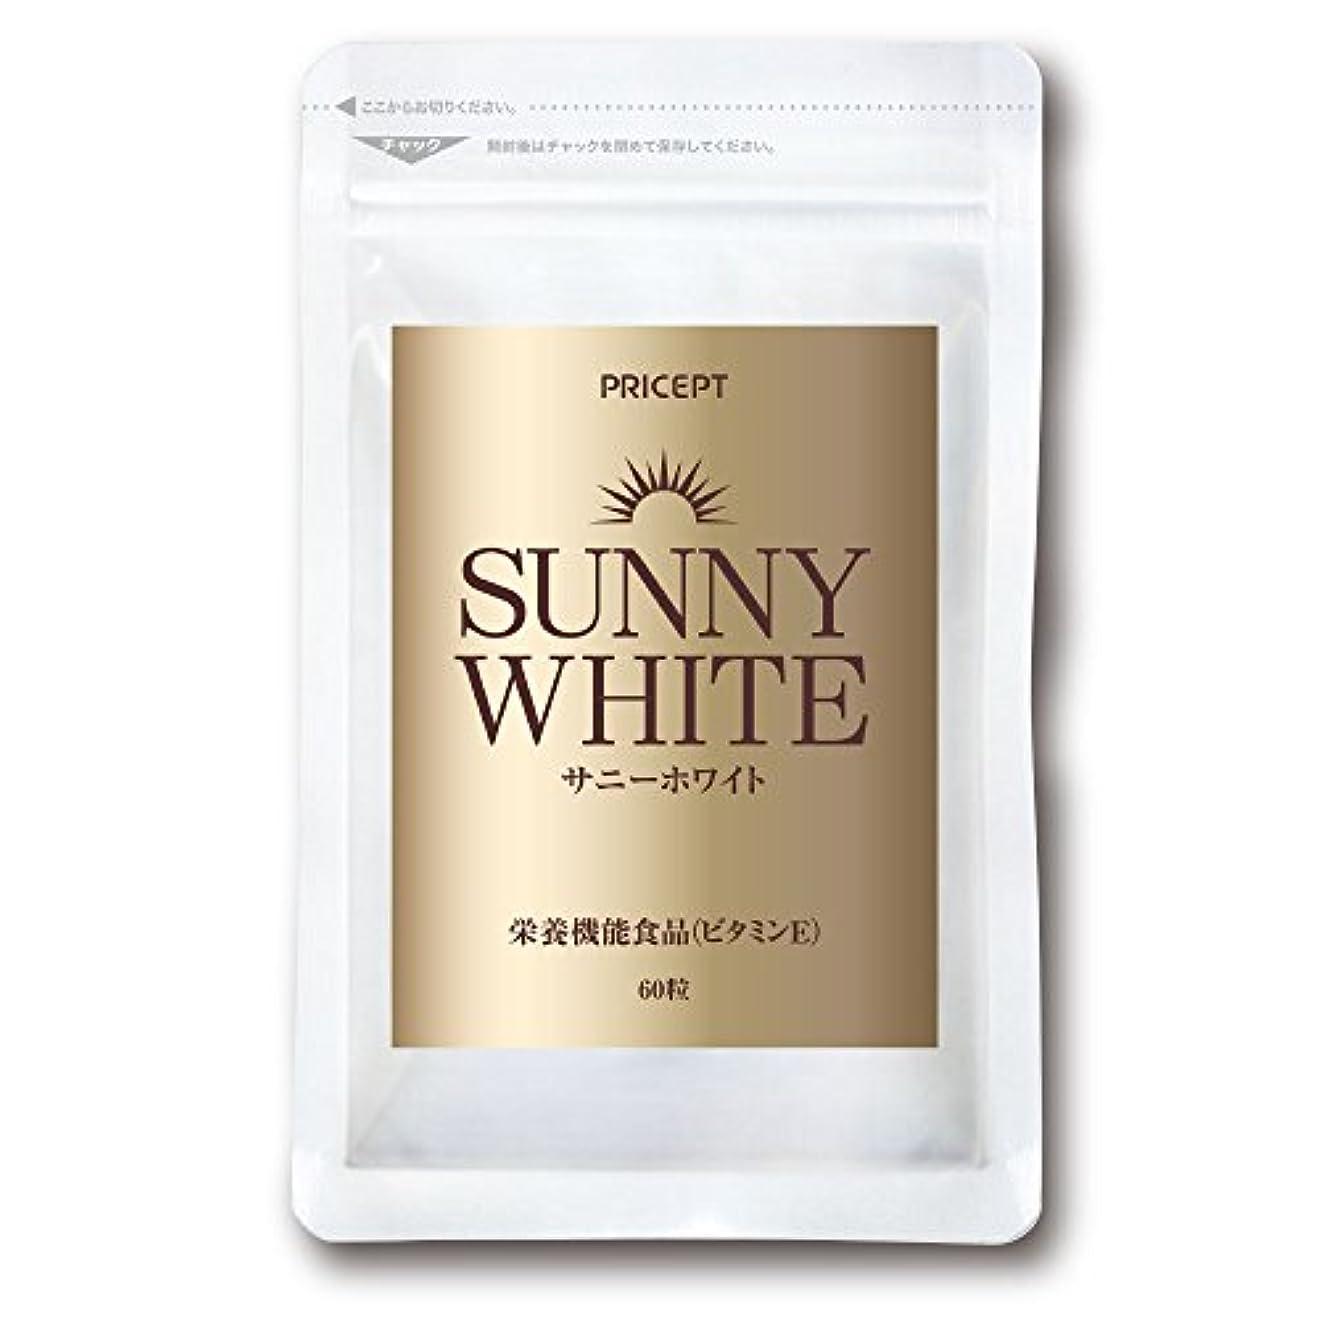 マルクス主義くロック【在庫過多のため訳あり】プリセプト サニーホワイト(60粒)栄養機能食品(ビタミンE) ニュートロックスサン 日傘サプリ 日焼け UV 日差し (単品)【賞味期限:2020年4月3日】